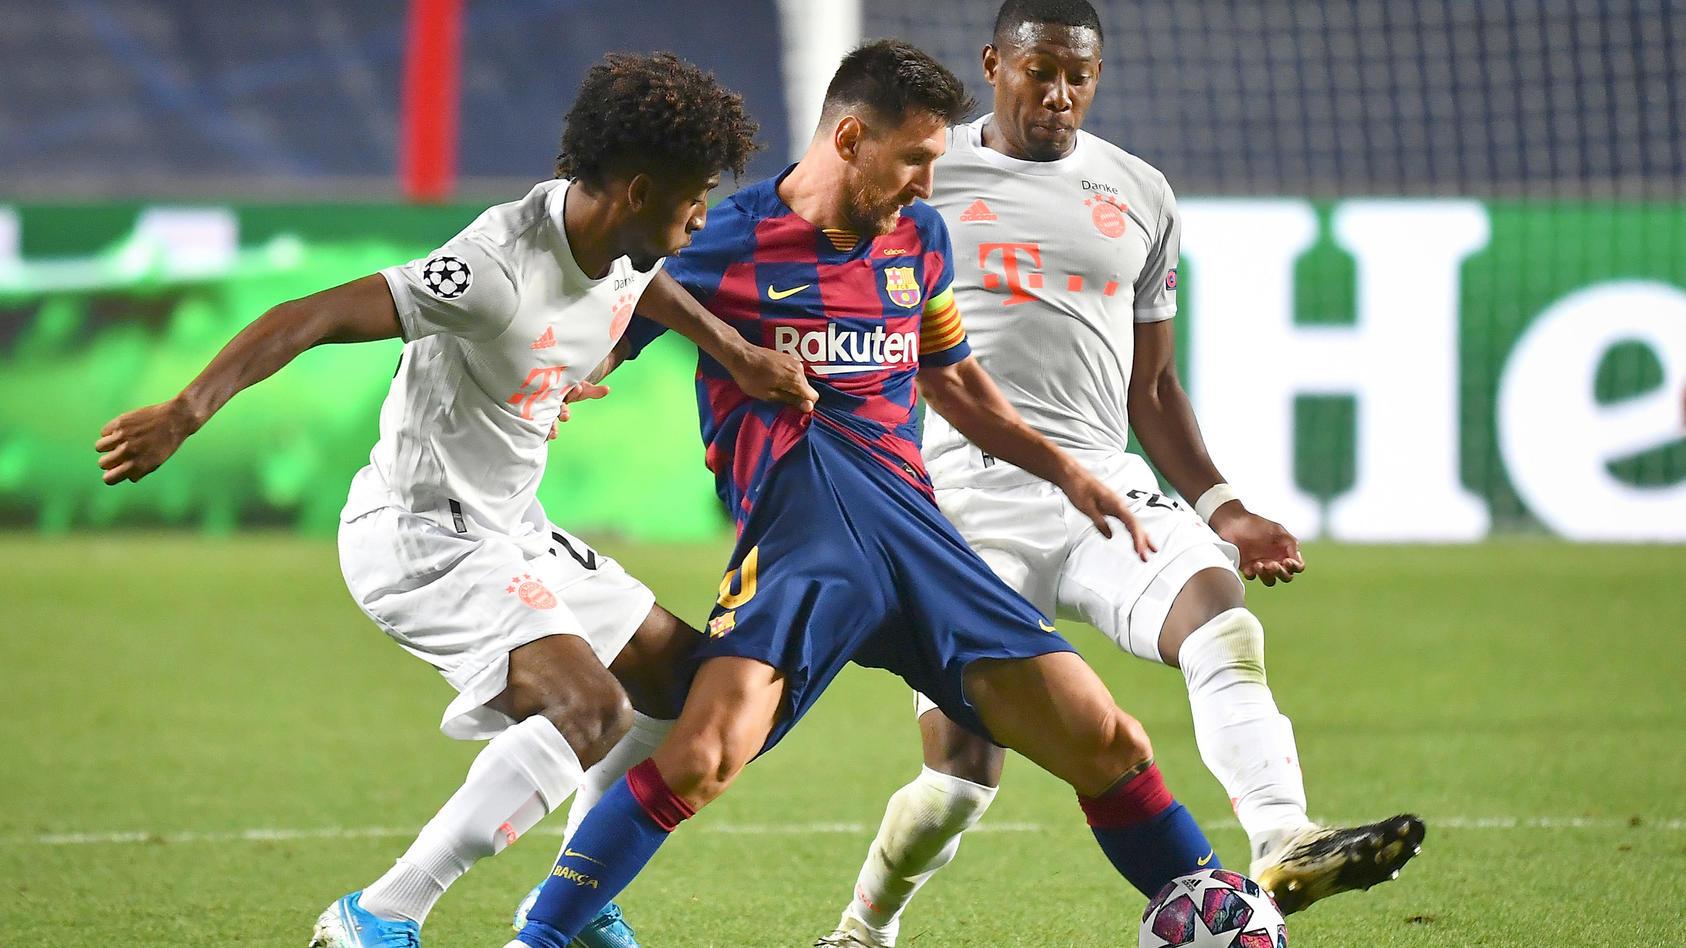 Mehr als 12 Teams sollen über eine europäische Super-Liga verhandeln